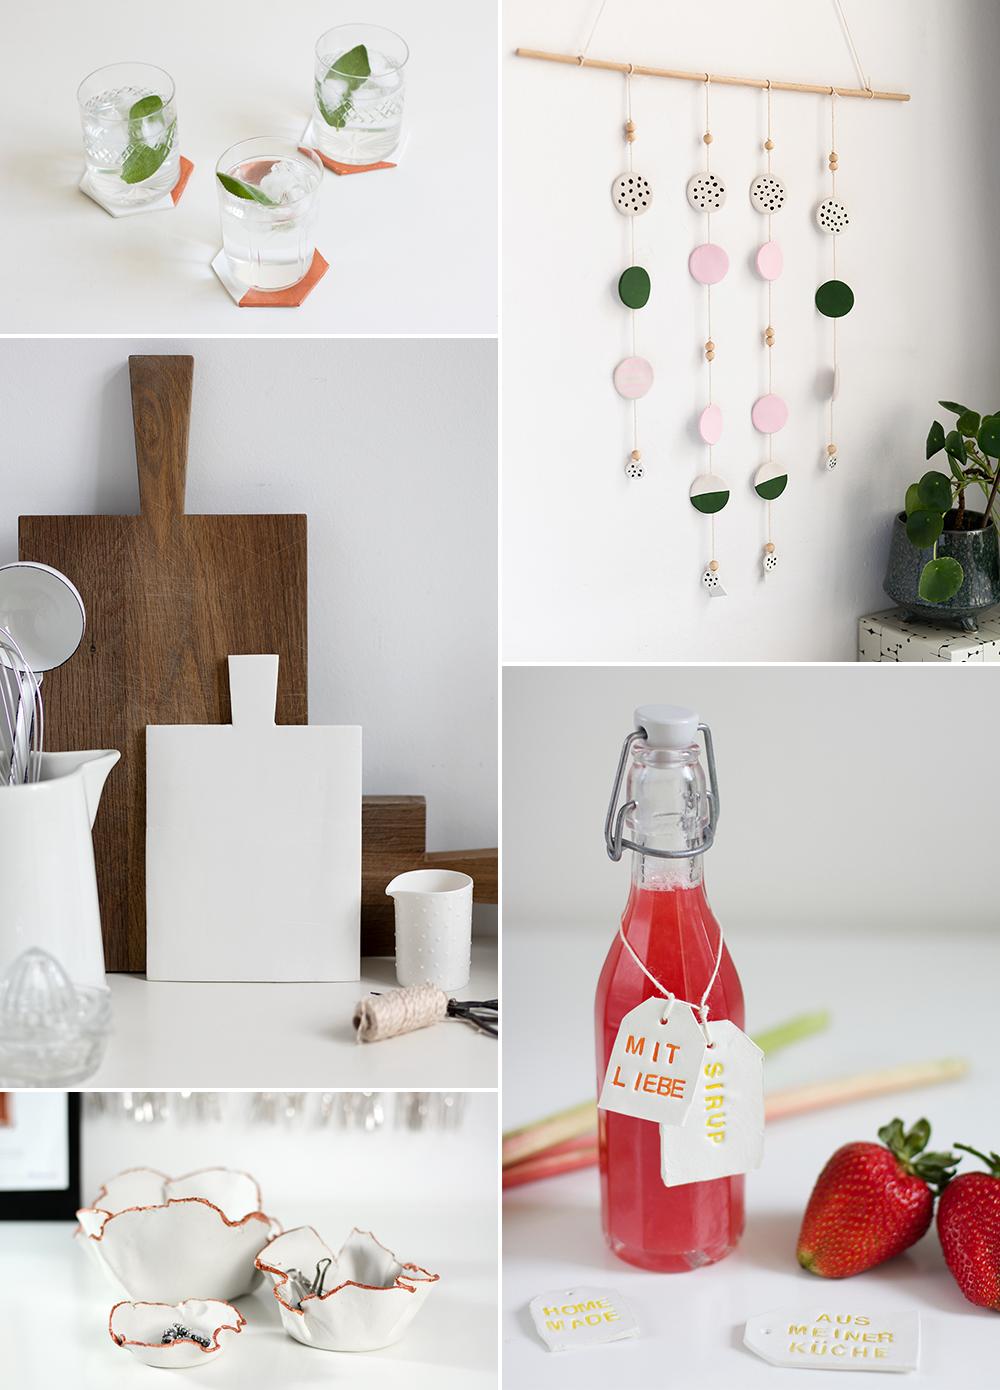 DIY-Inspiration: DIYs aus Modelliermasse und Clay für Home Decor   we love handmade